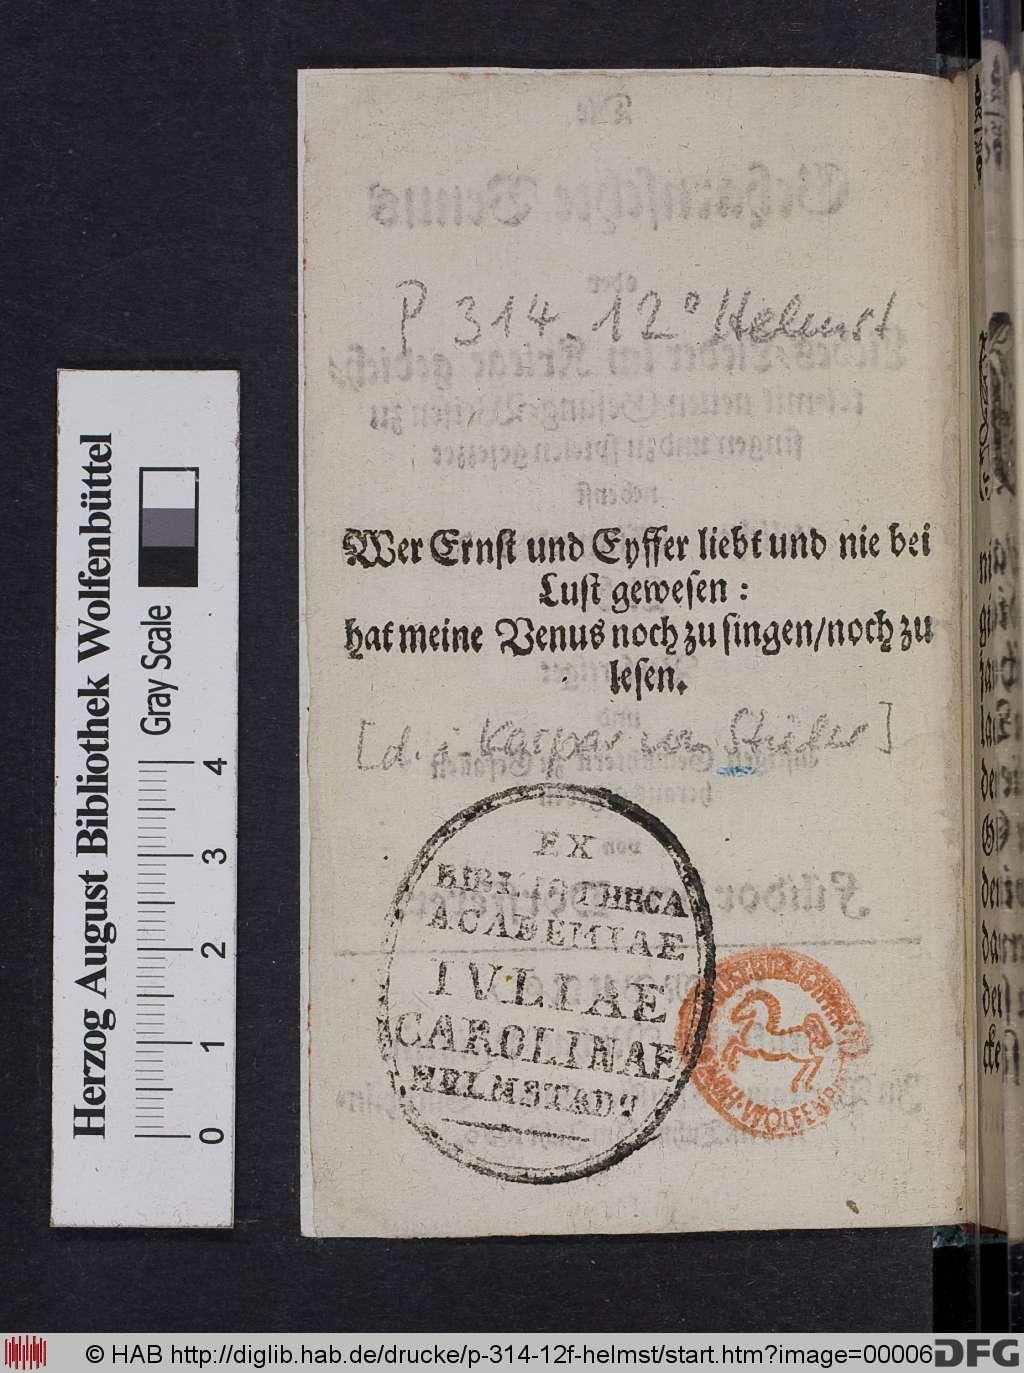 http://diglib.hab.de/drucke/p-314-12f-helmst/00006.jpg